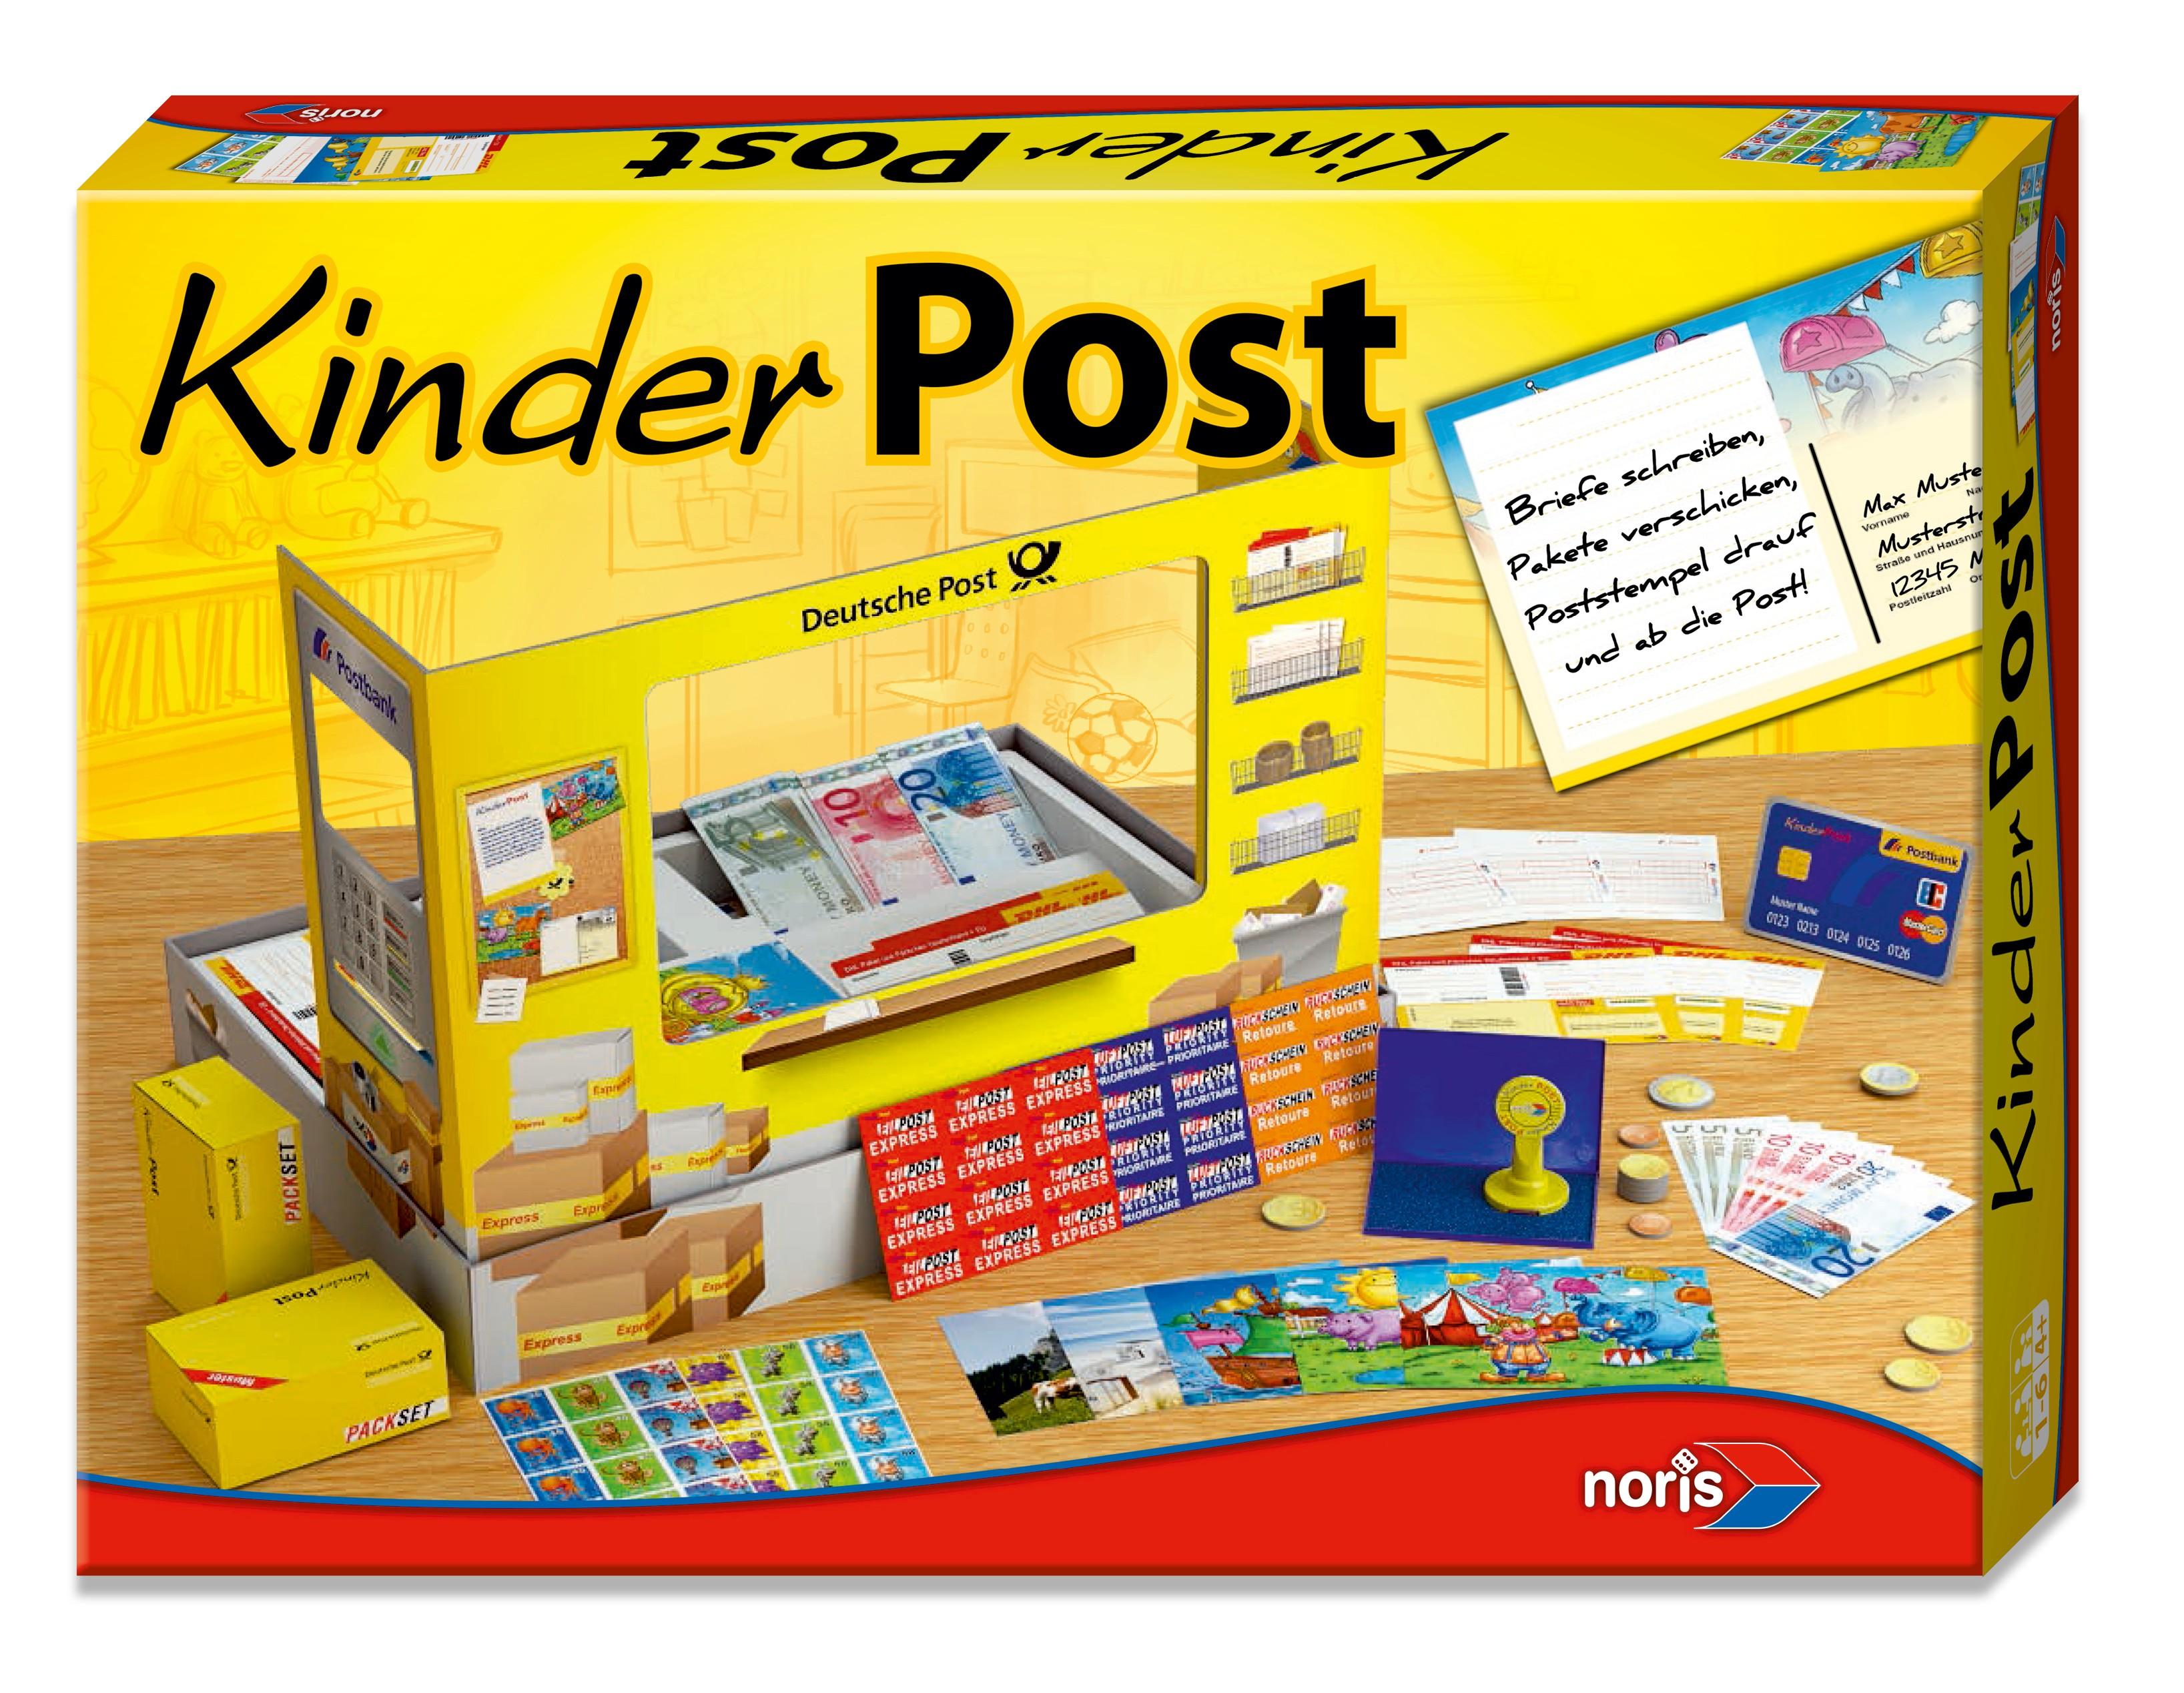 Kinderbriefe Schreiben : Noris kinder post briefe schreiben pakete